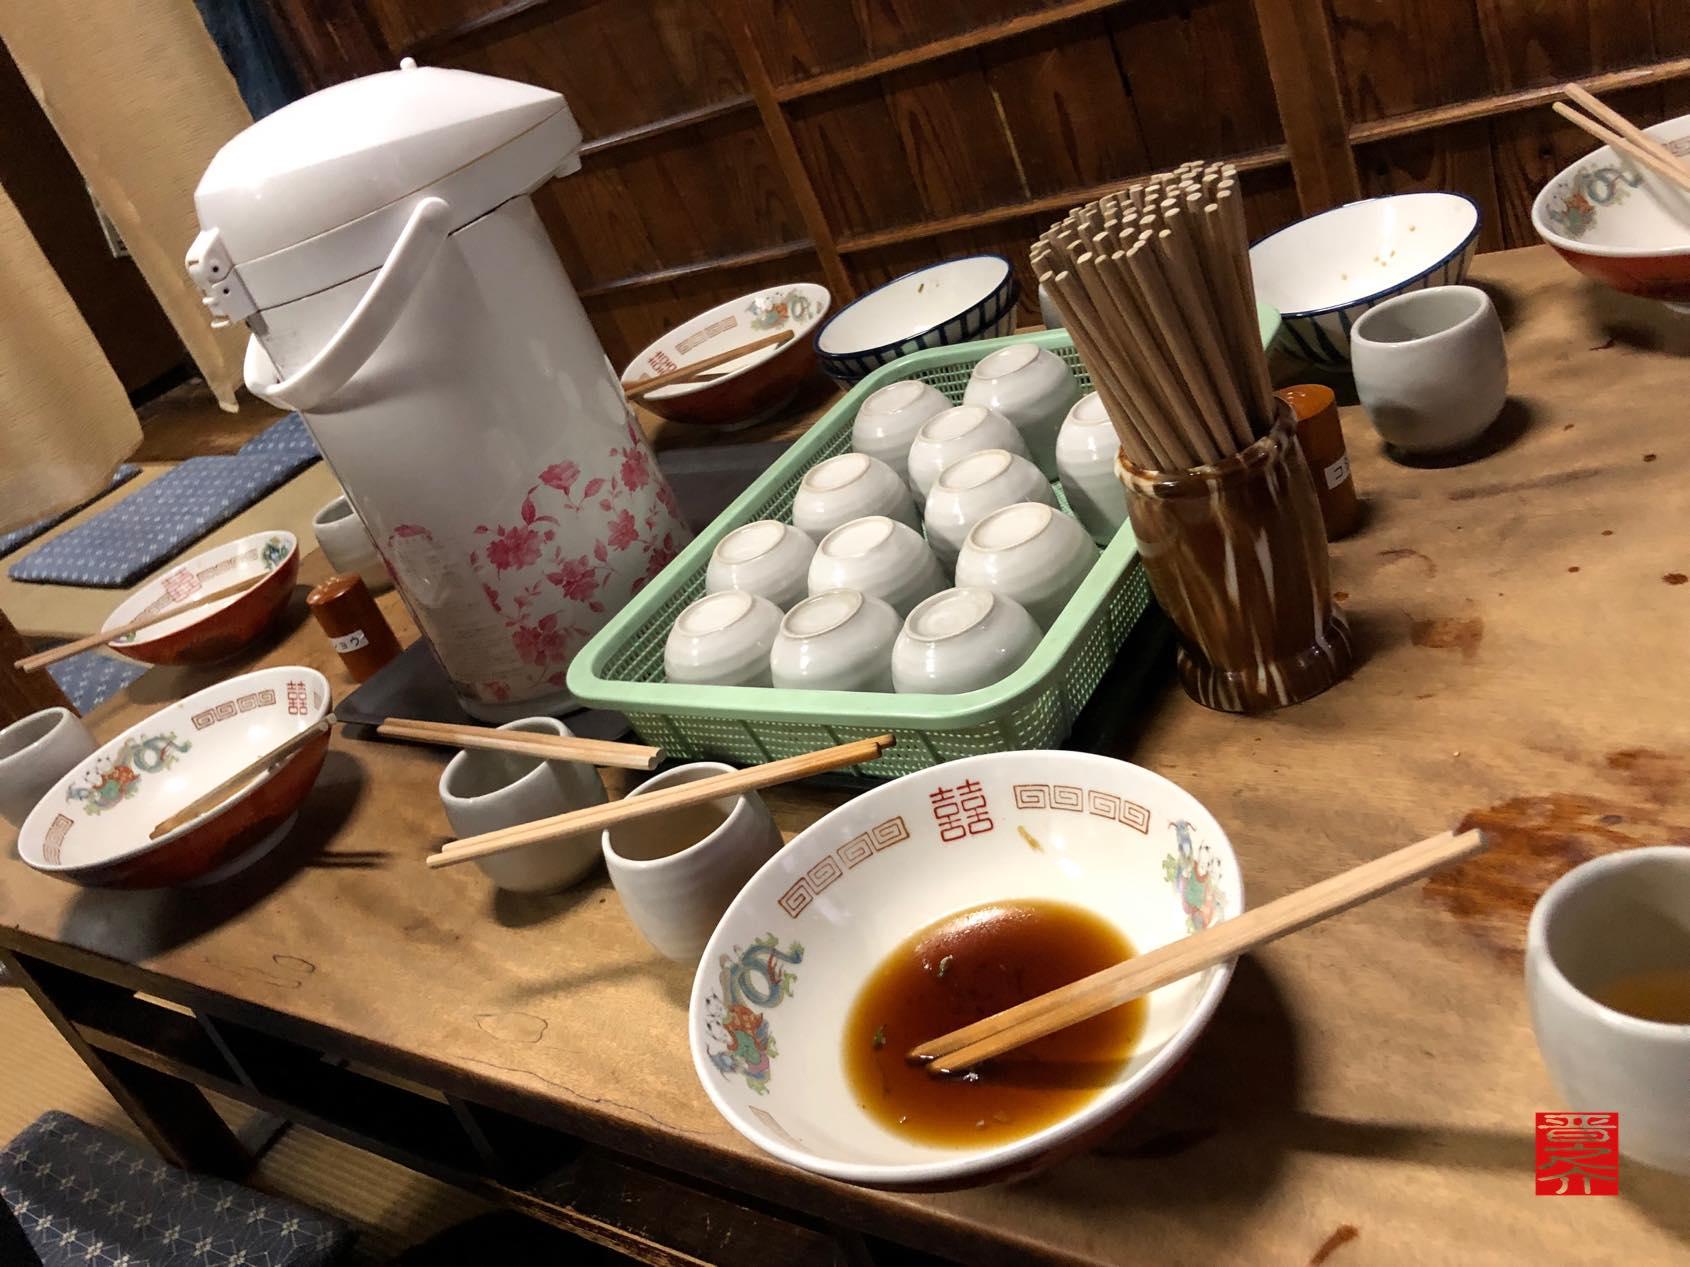 信濃屋麺類店 相席